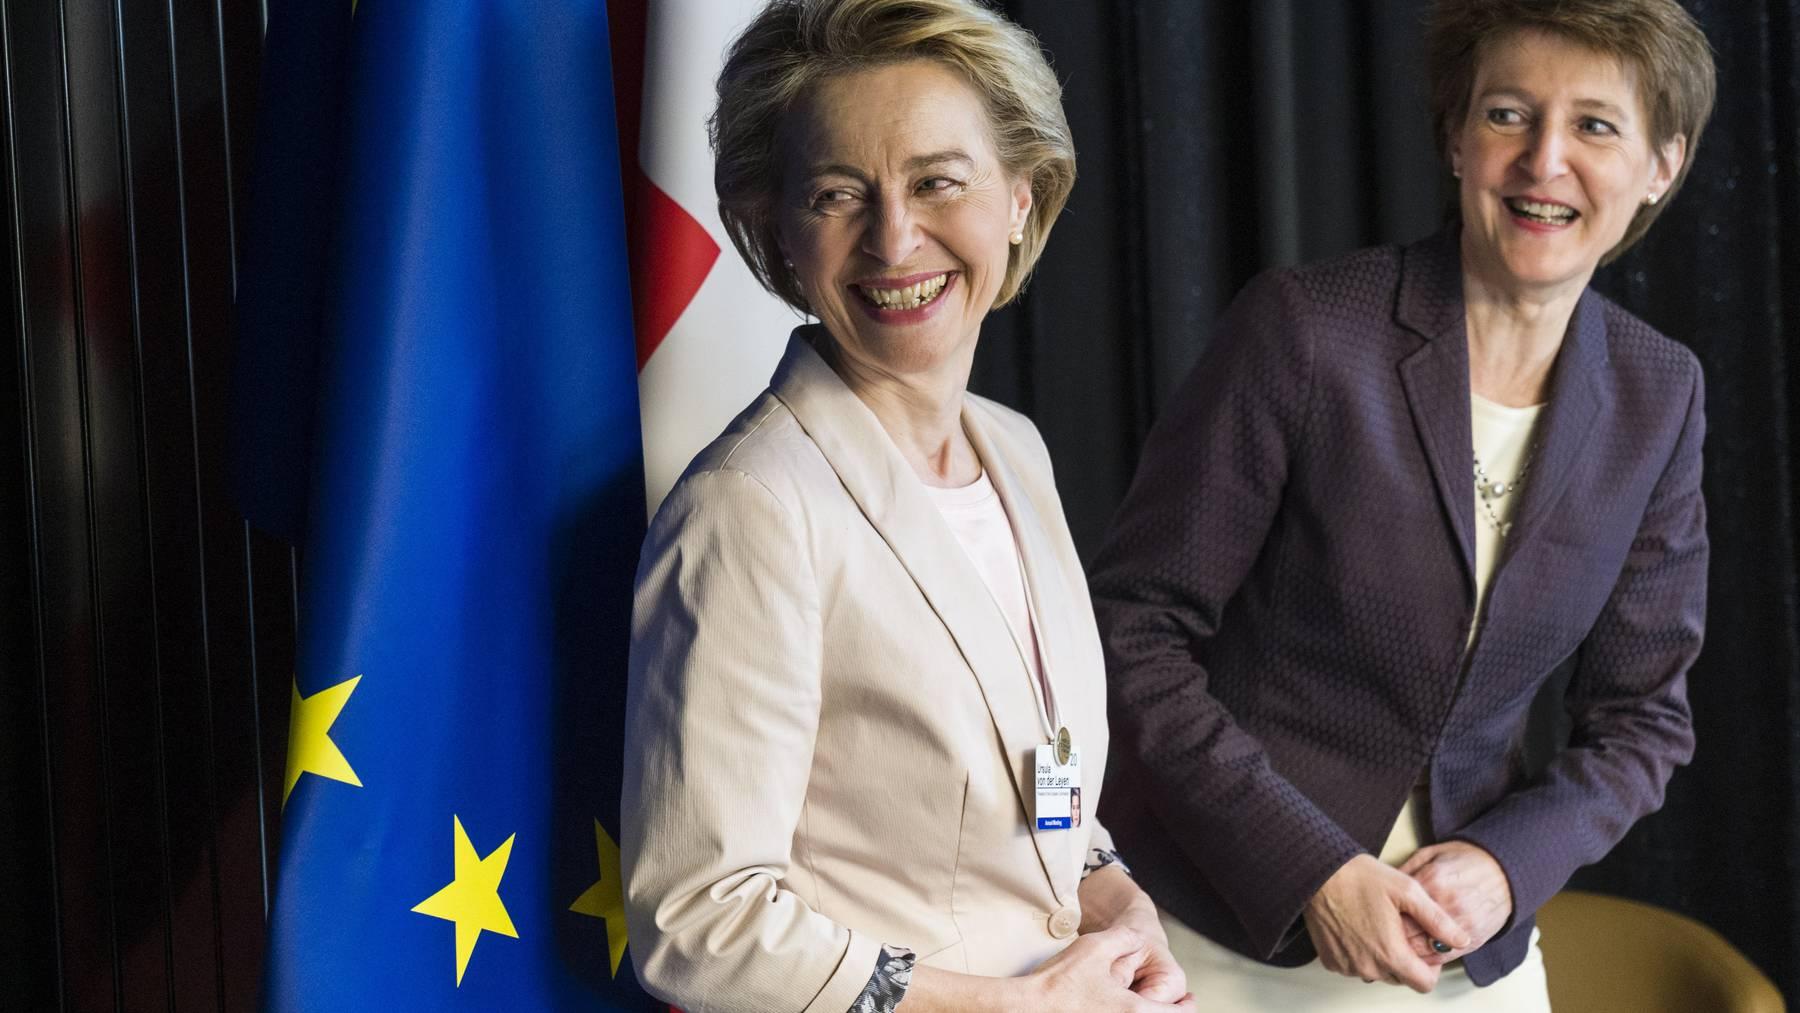 Simonetta Sommaruga und Ursula von der Leyen am WEF in Davos.